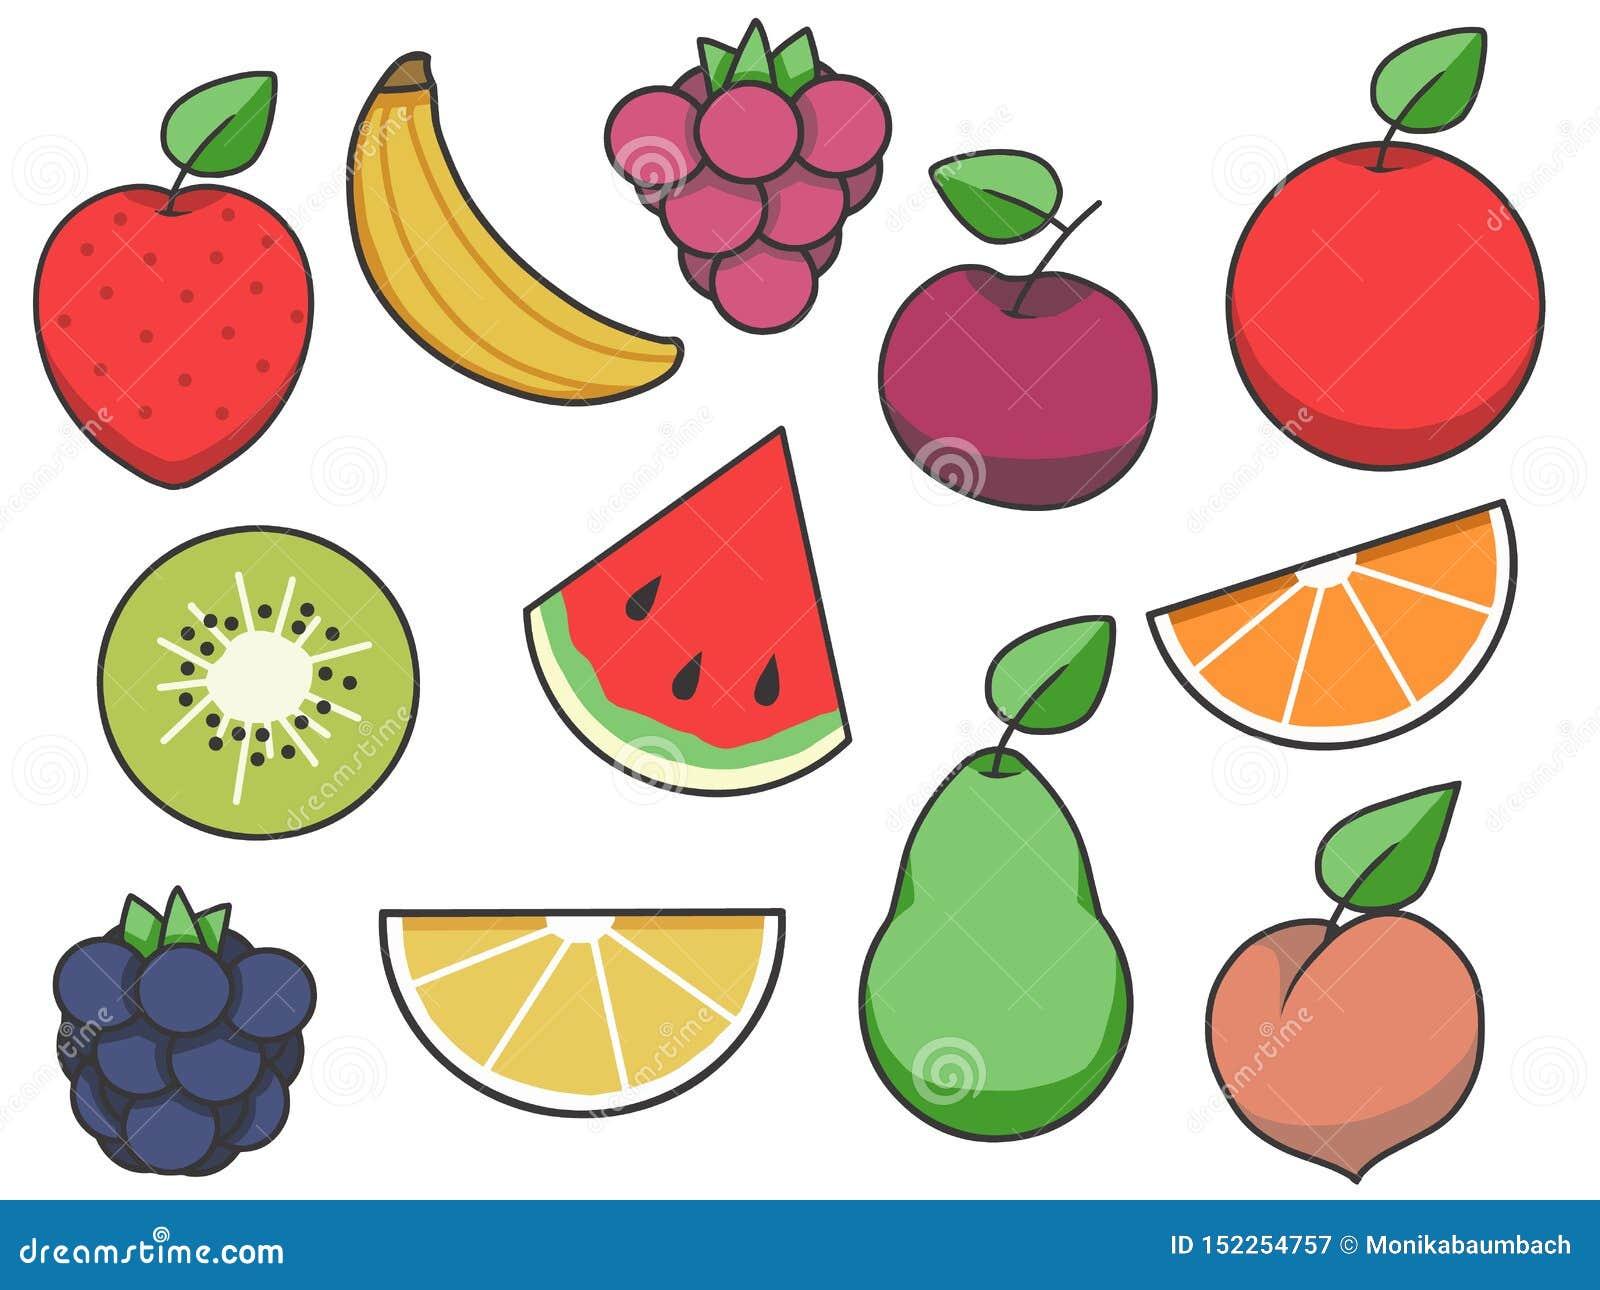 Vektorikonensammlung der einfachen Frucht mit Erdbeere, Apfel, Birne, Zitrone, Wassermelone und anderer Frucht